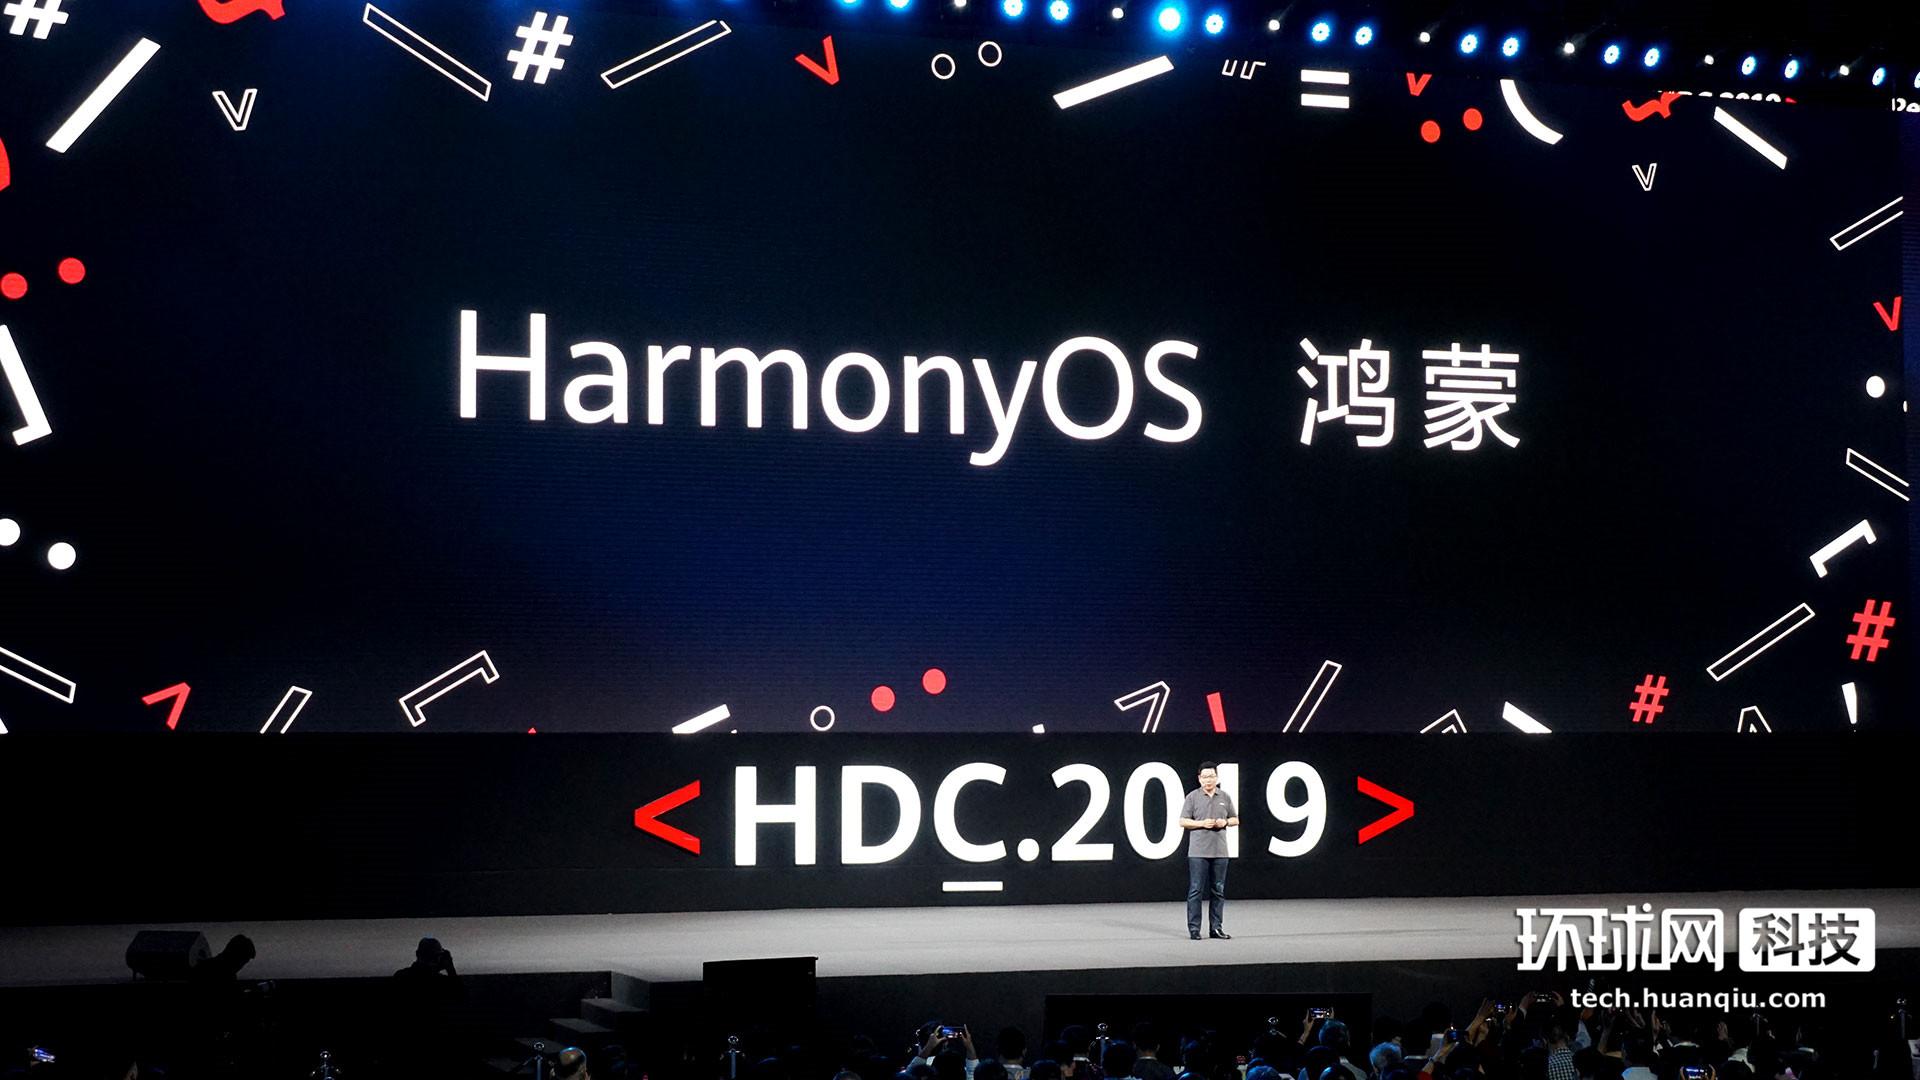 中国的开源社区即将到来,华为参与筹建